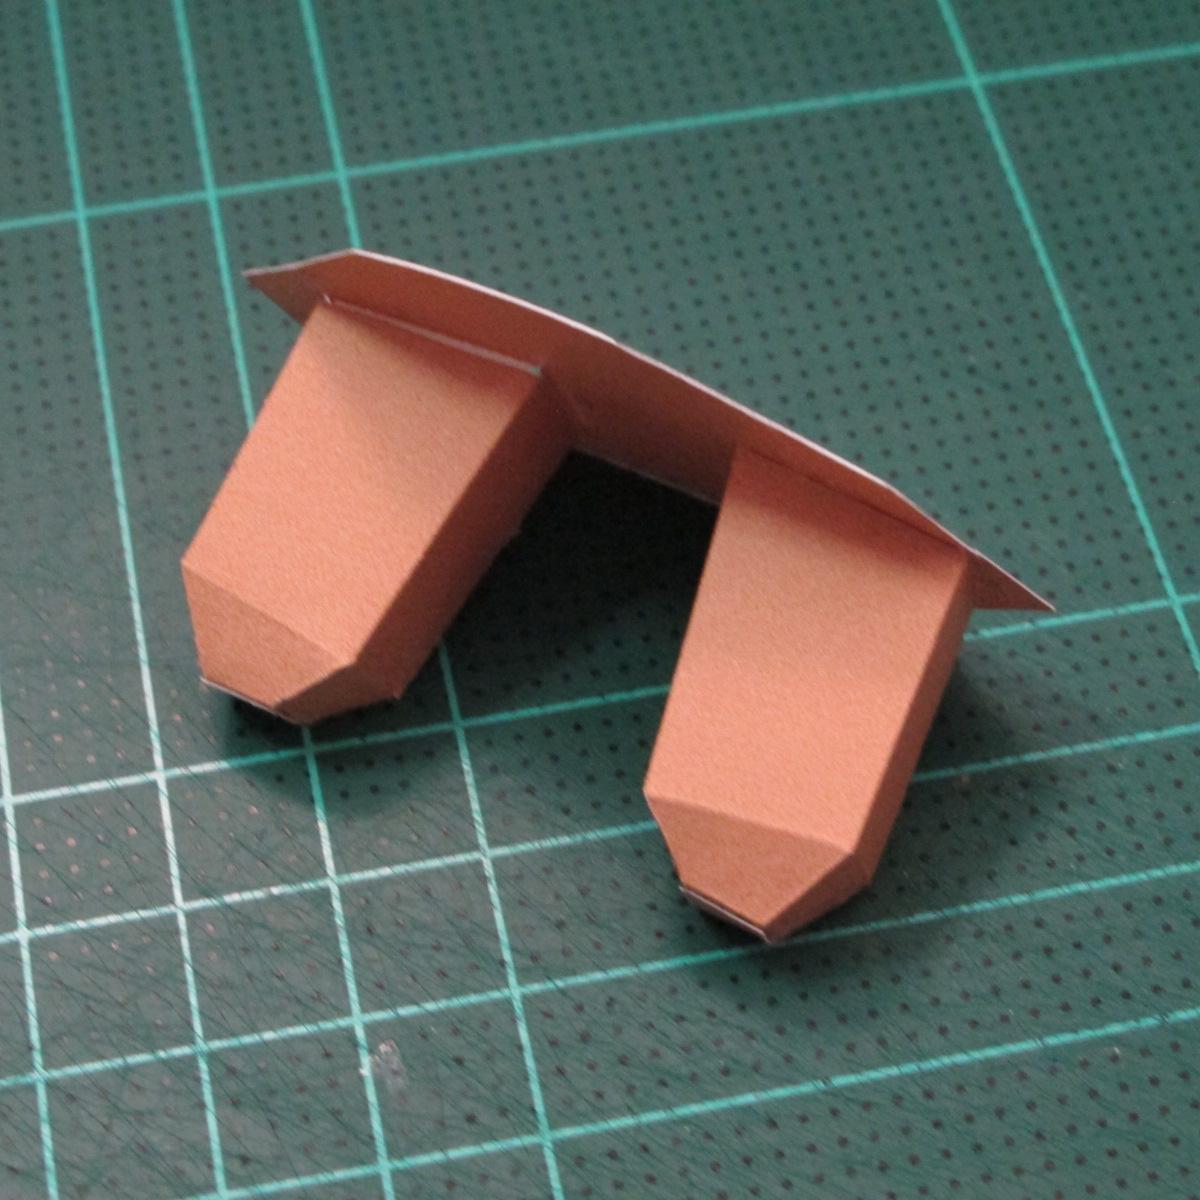 วิธีทำโมเดลกระดาษคุกกี้รสคุกกี้แอนด์ครีม  (Cookie Run Cream Cookie Papercraft Model) 023